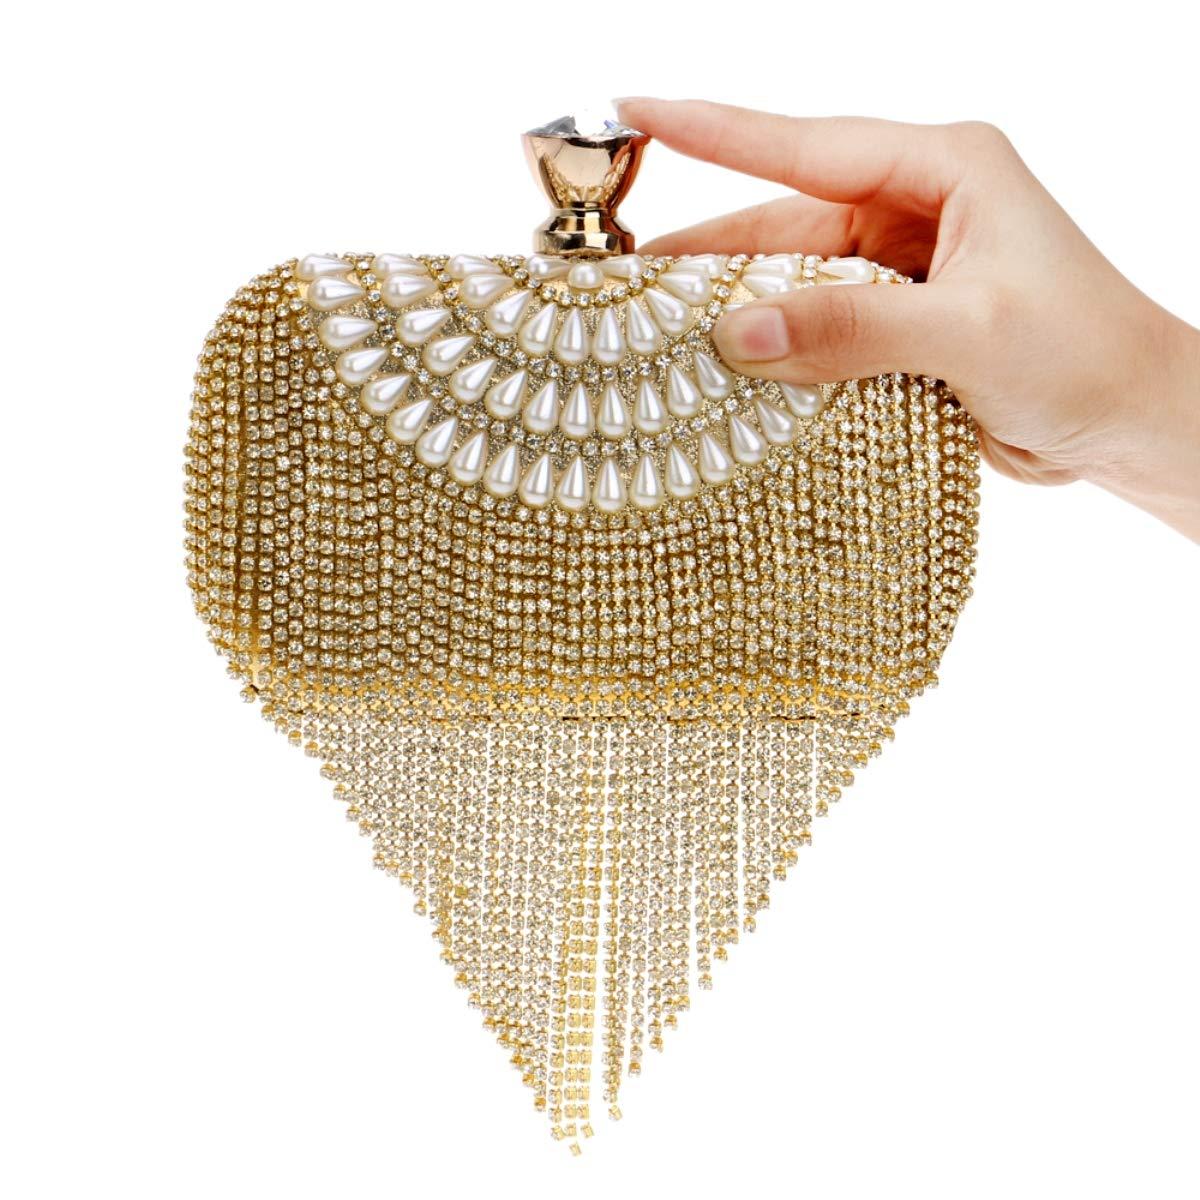 MKHDD kvinnor tofs koppling pärlor diamanter imitation pärlor liten handväska kedja axelväskor bröllopsfest aftonväska Guld